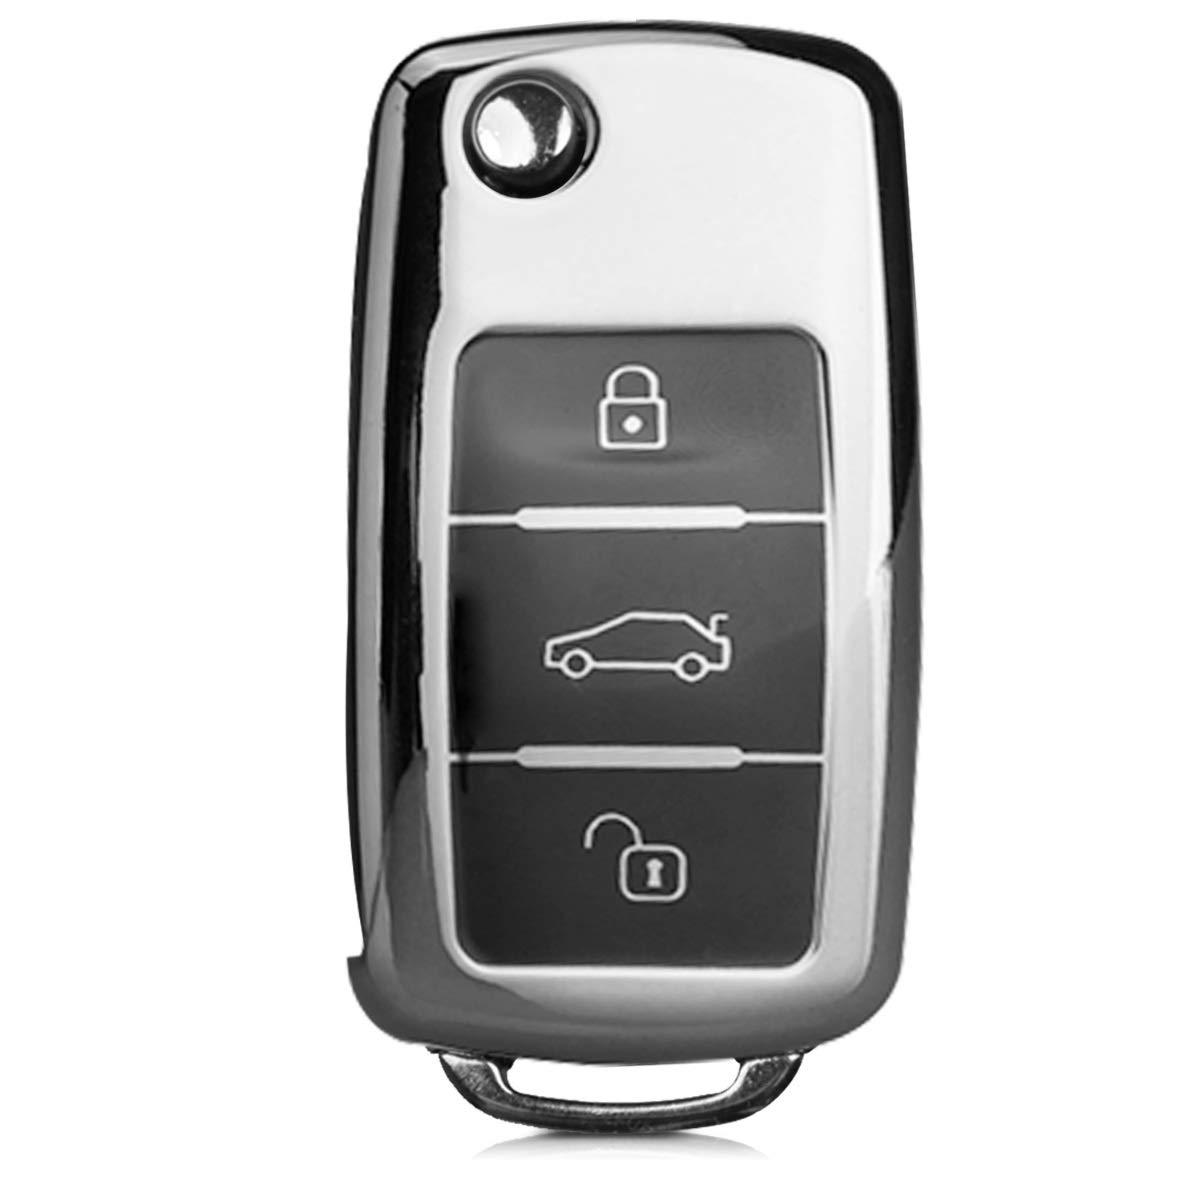 Carcasa con Botones para Llave del Coche Llave de 3 Botones para Coche VW Skoda Seat Azul Brillante kwmobile Funda para Mando de VW Skoda Seat